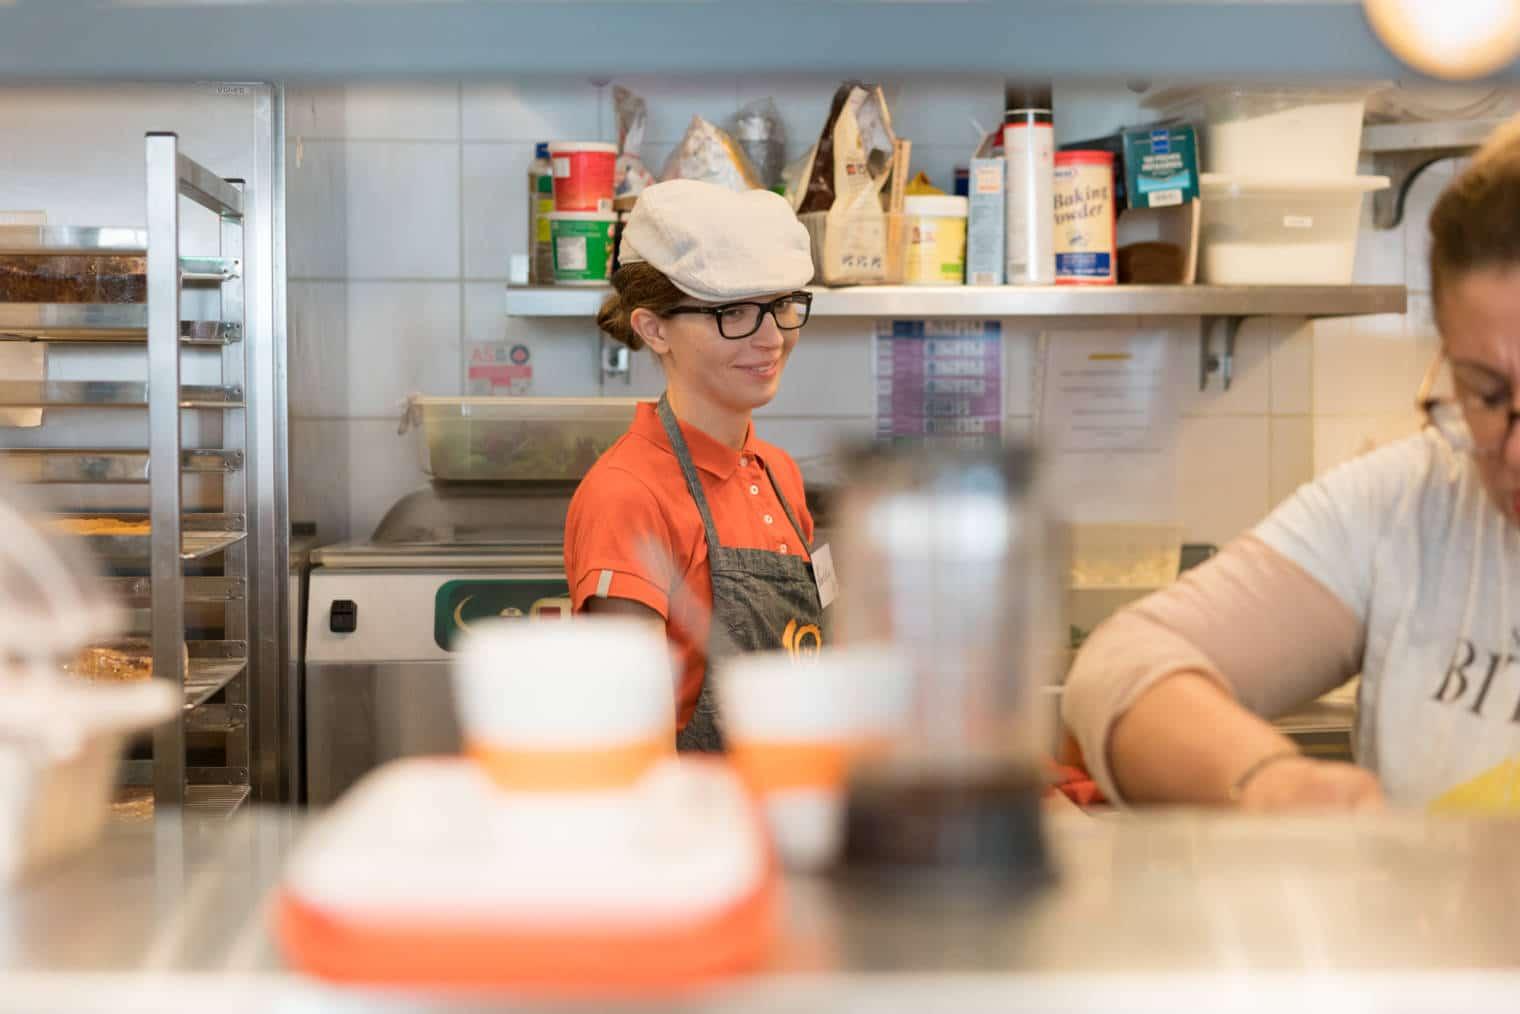 Laetitia, en cuisine, sourit à une collaboratrice en la regardant travailler.